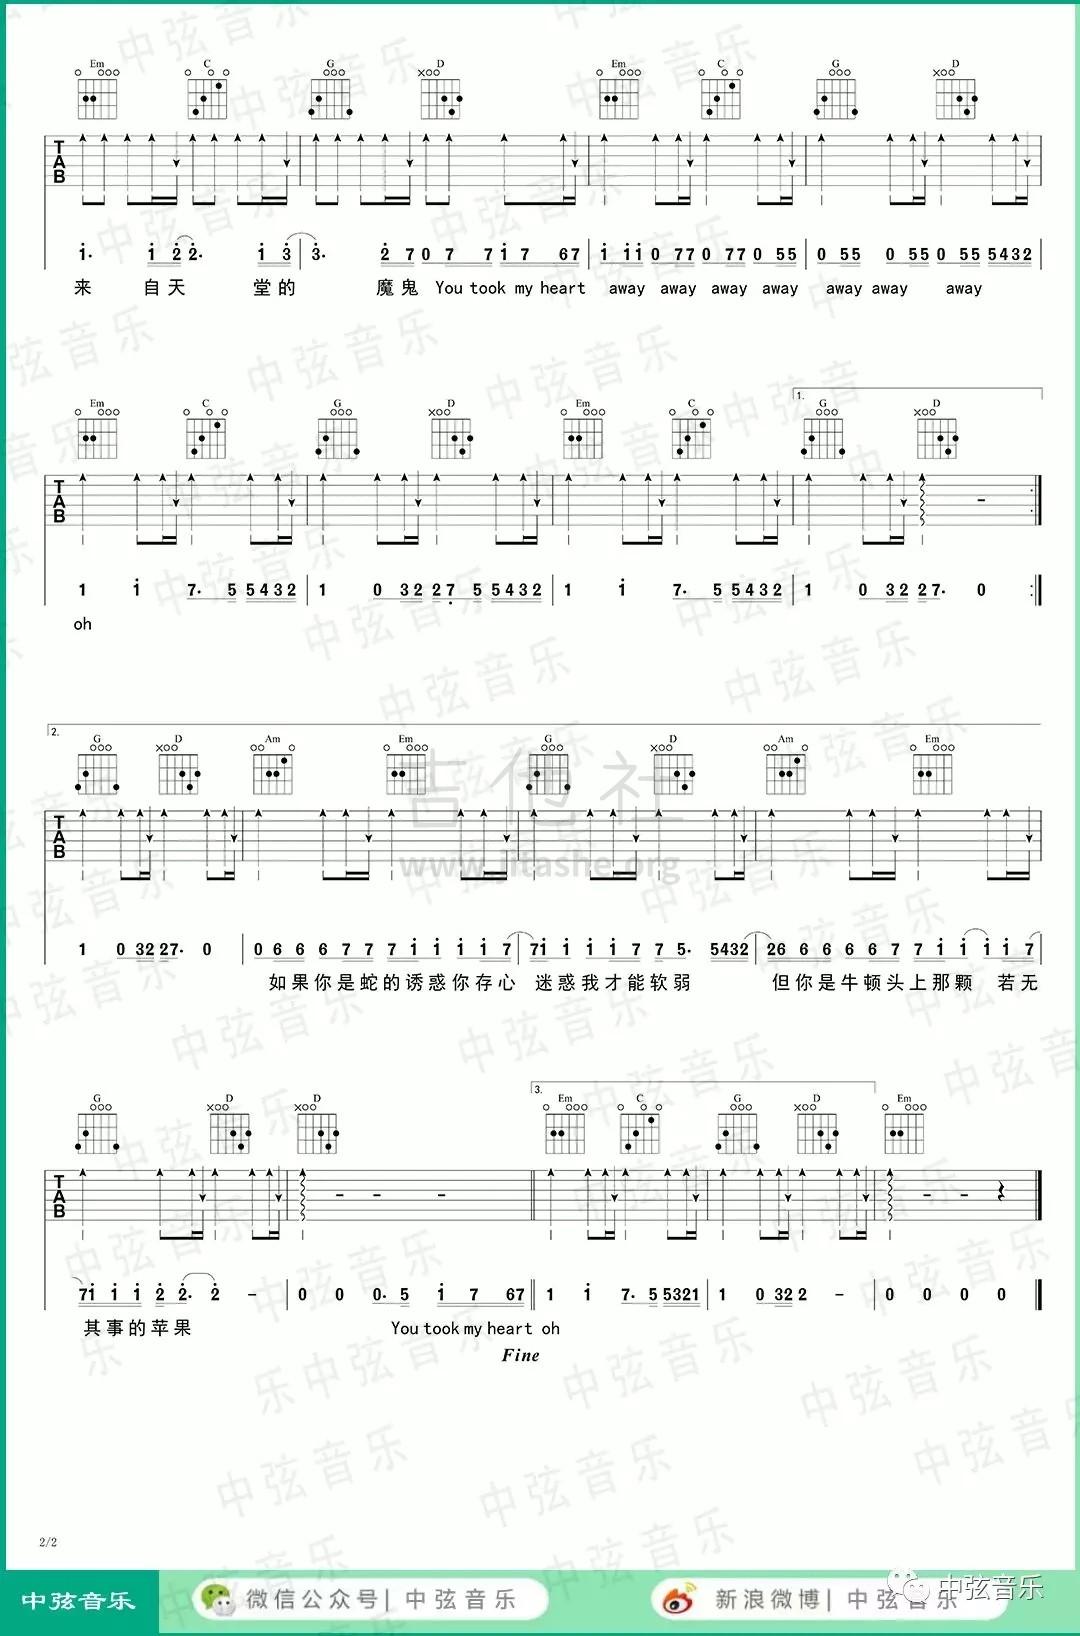 来自天堂的魔鬼(中弦音乐)吉他谱(图片谱,弹唱,G调)_邓紫棋(G.E.M.;邓紫棋)_99999999999999.webp.jpg